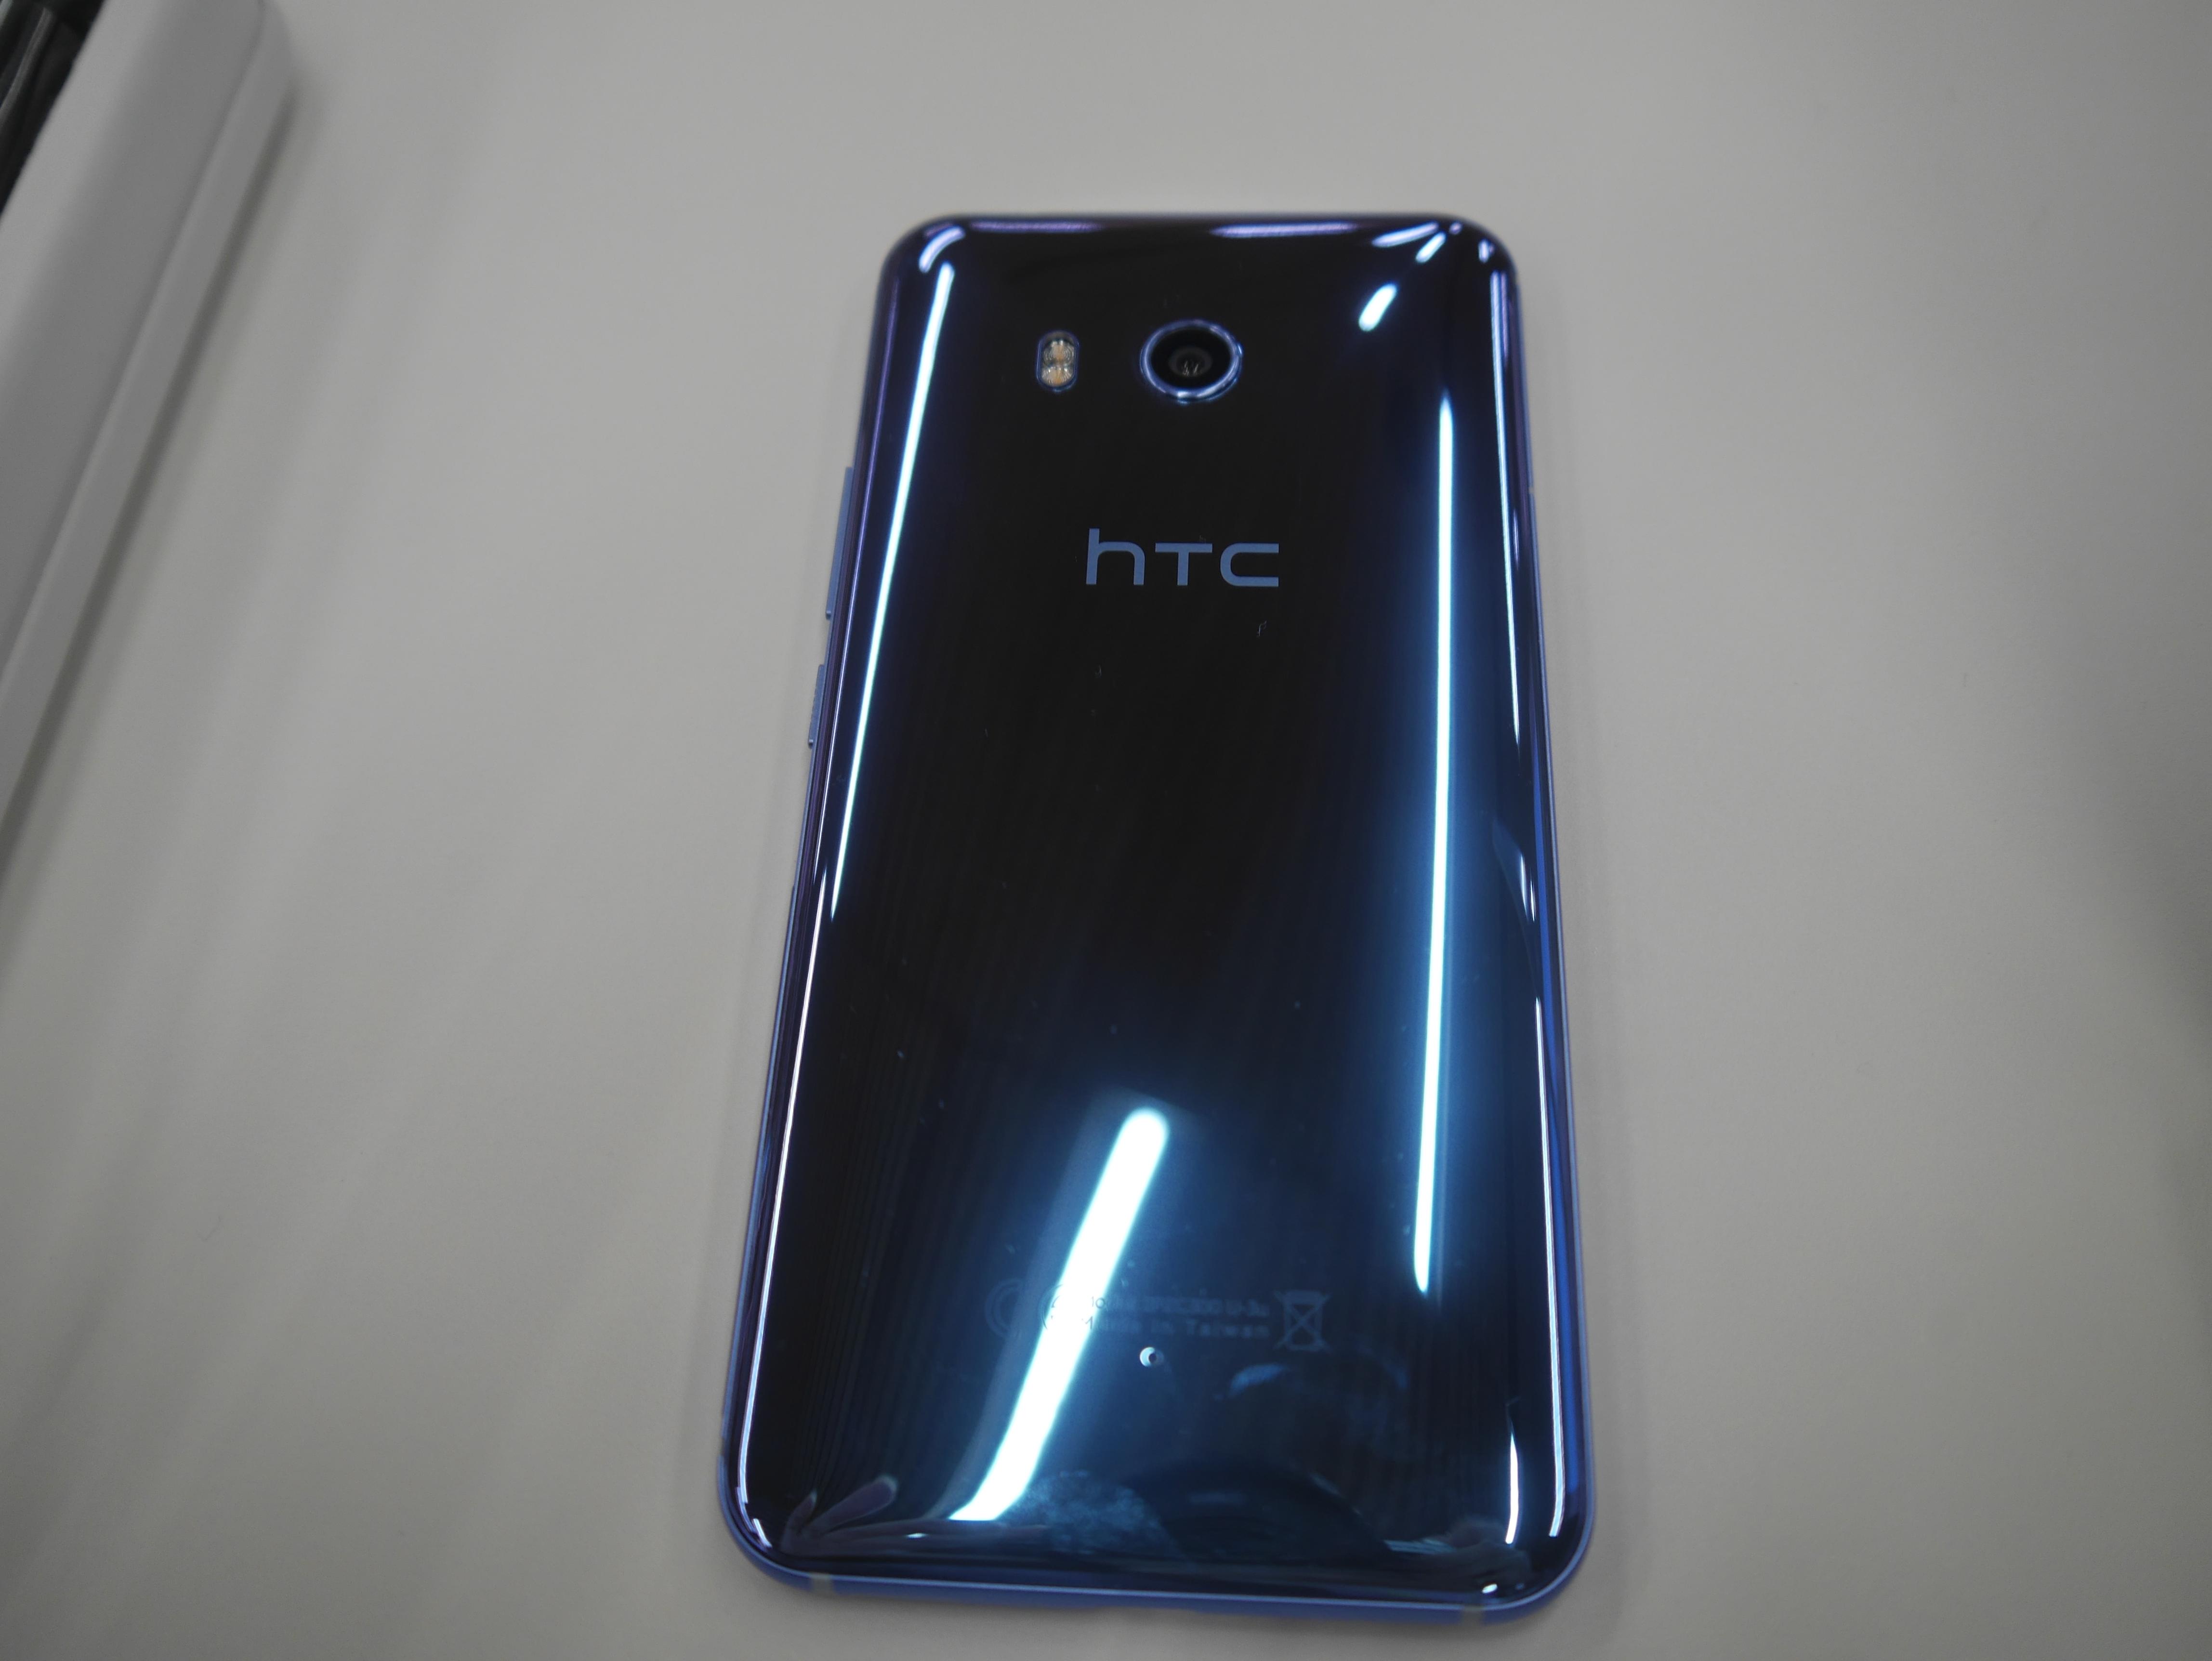 海外で発表されたばかりのHTC U11を触ってきた!【HTCサポーター】